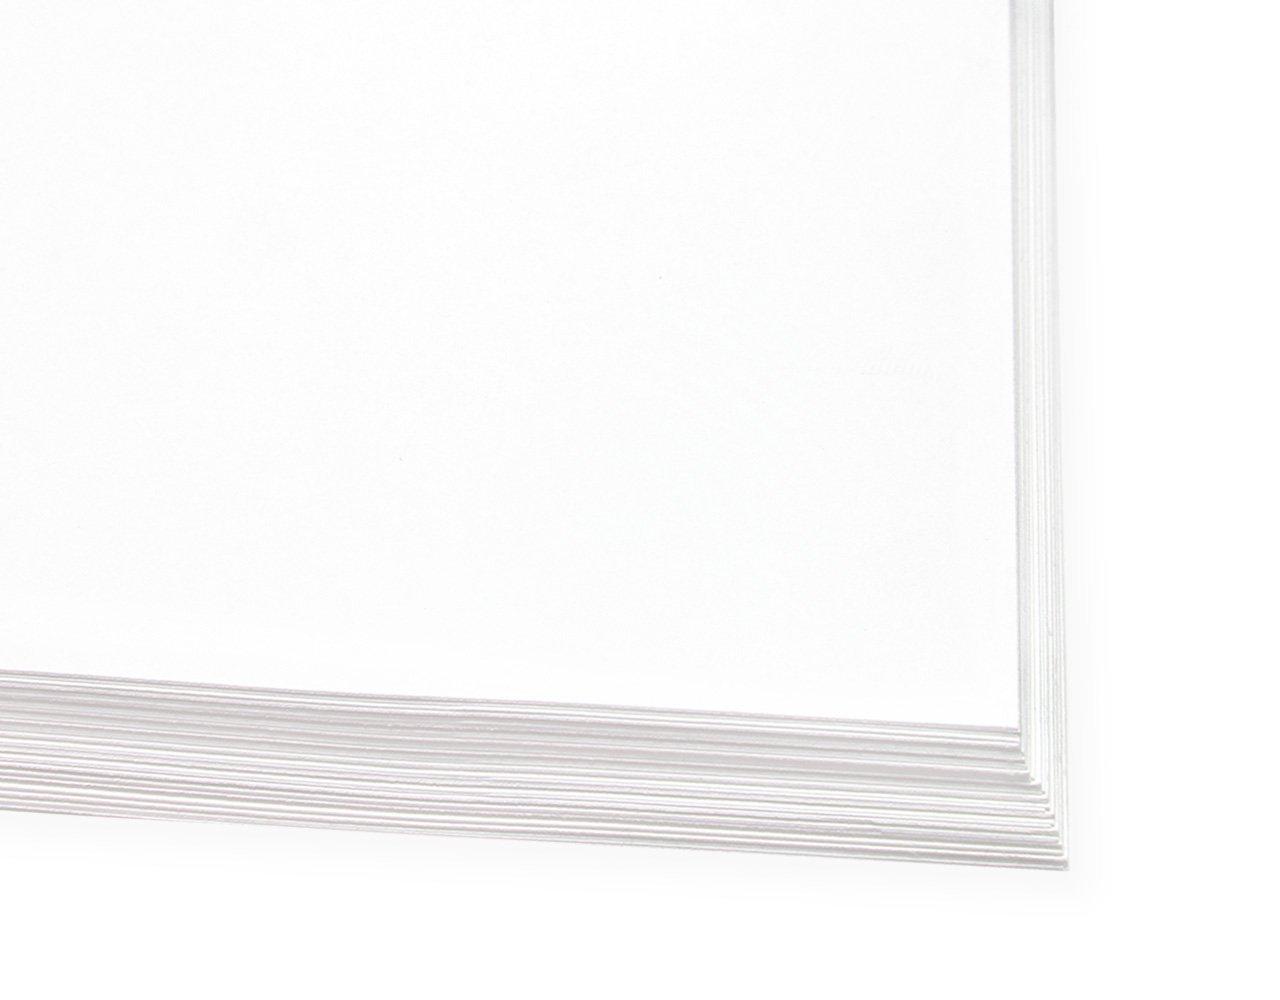 Sublimationspapier   Transferpapier für Textilien und Feststoffe, 500 Blatt Blatt Blatt DIN A4 B0148OQQEC | Mama kaufte ein bequemes, Baby ist glücklich  | Spaß  | Deutschland Shop  282ea3